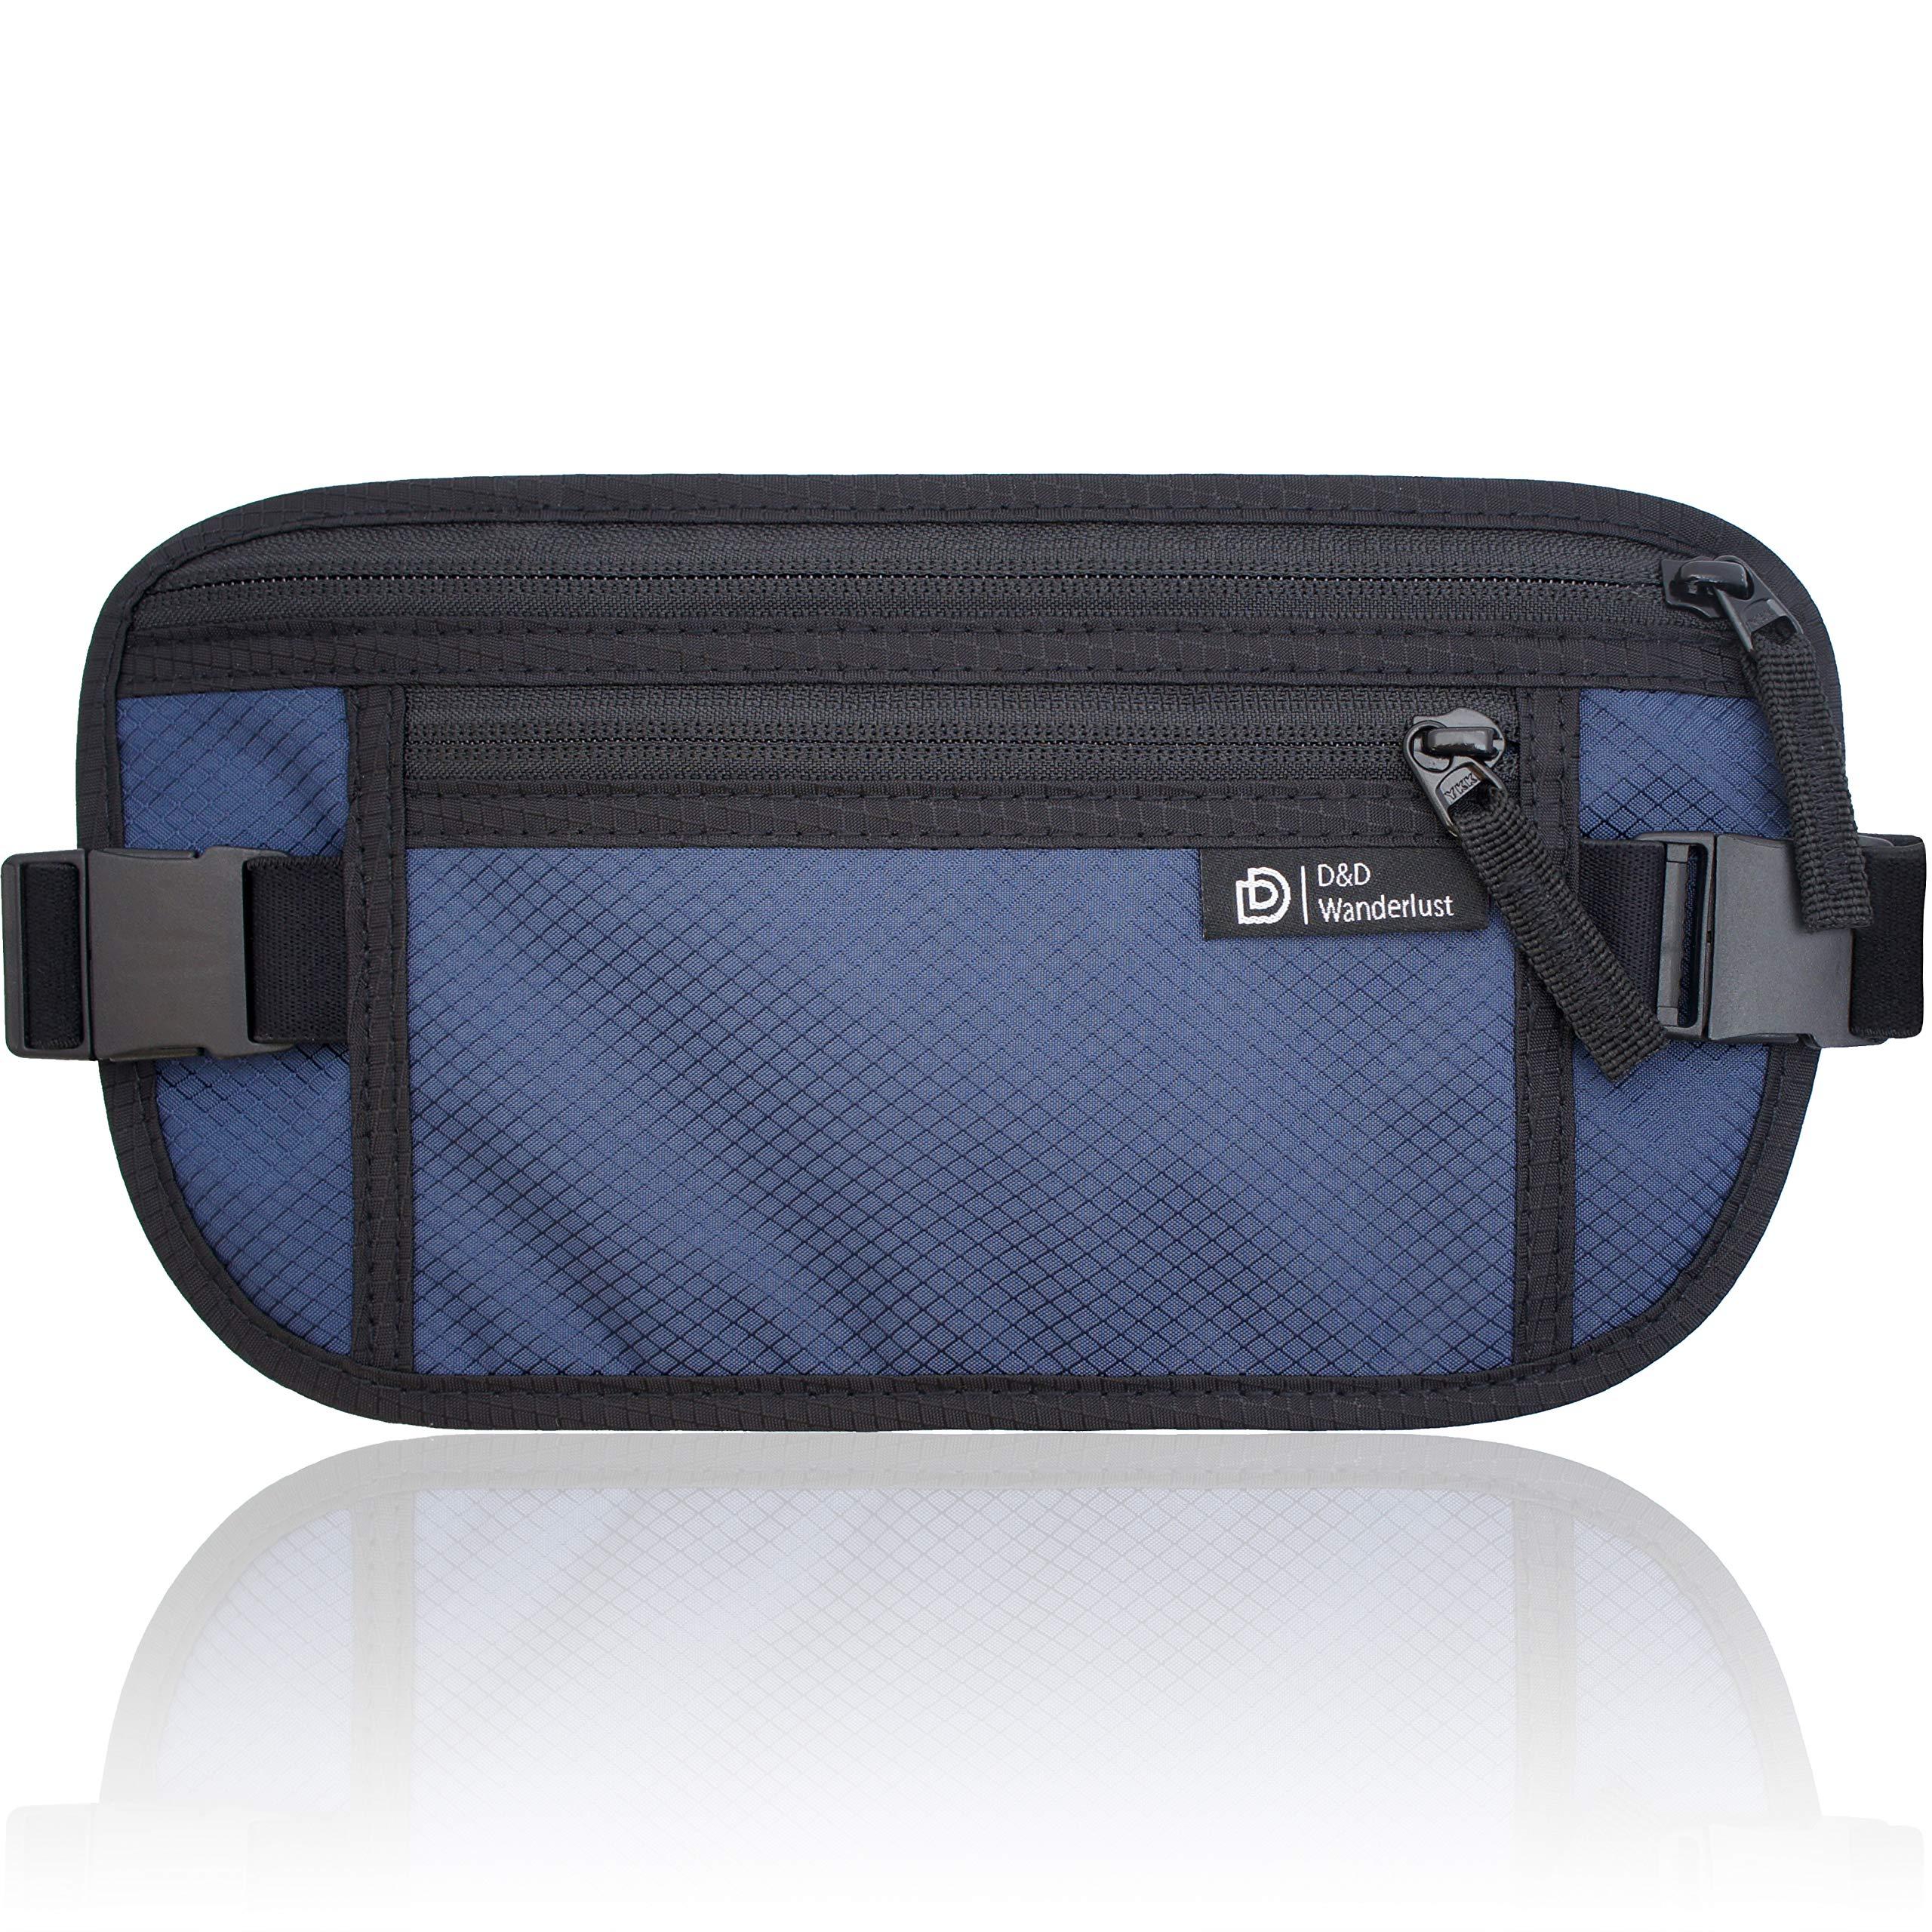 D&D RFID Blocking Money Belt for Travel - Waterproof Hidden Travel Wallet Waist Pouch for Men and Women – Free eBook